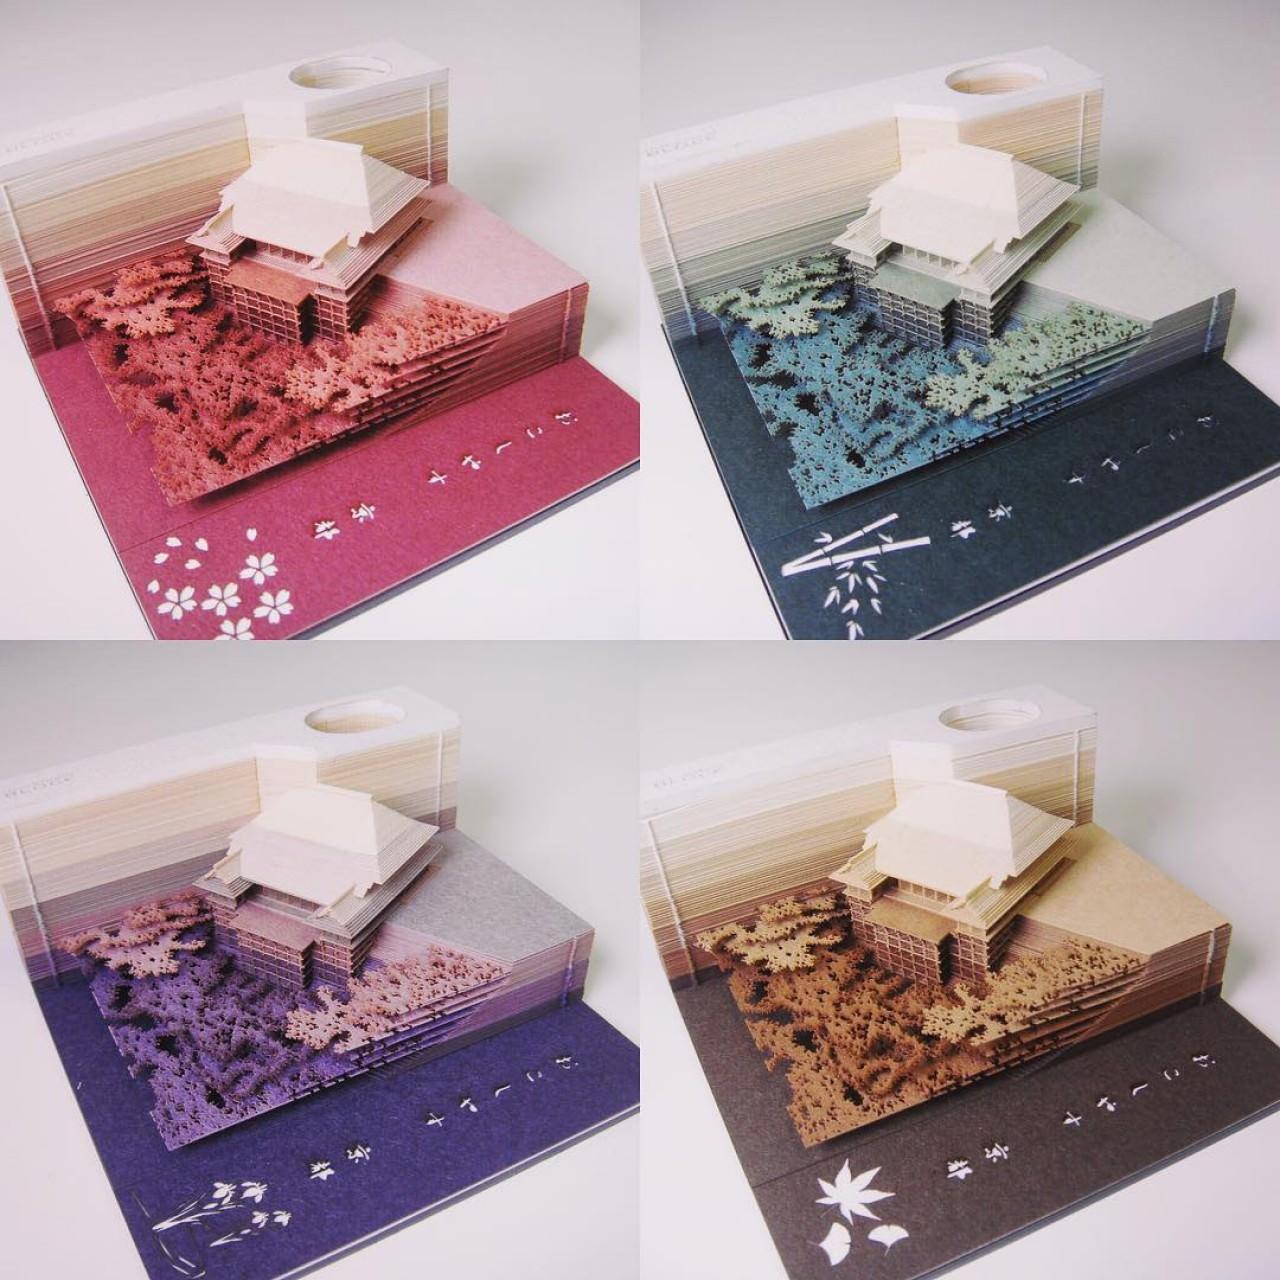 日本最美memo紙 暗藏紙雕清水寺 東京鐵塔